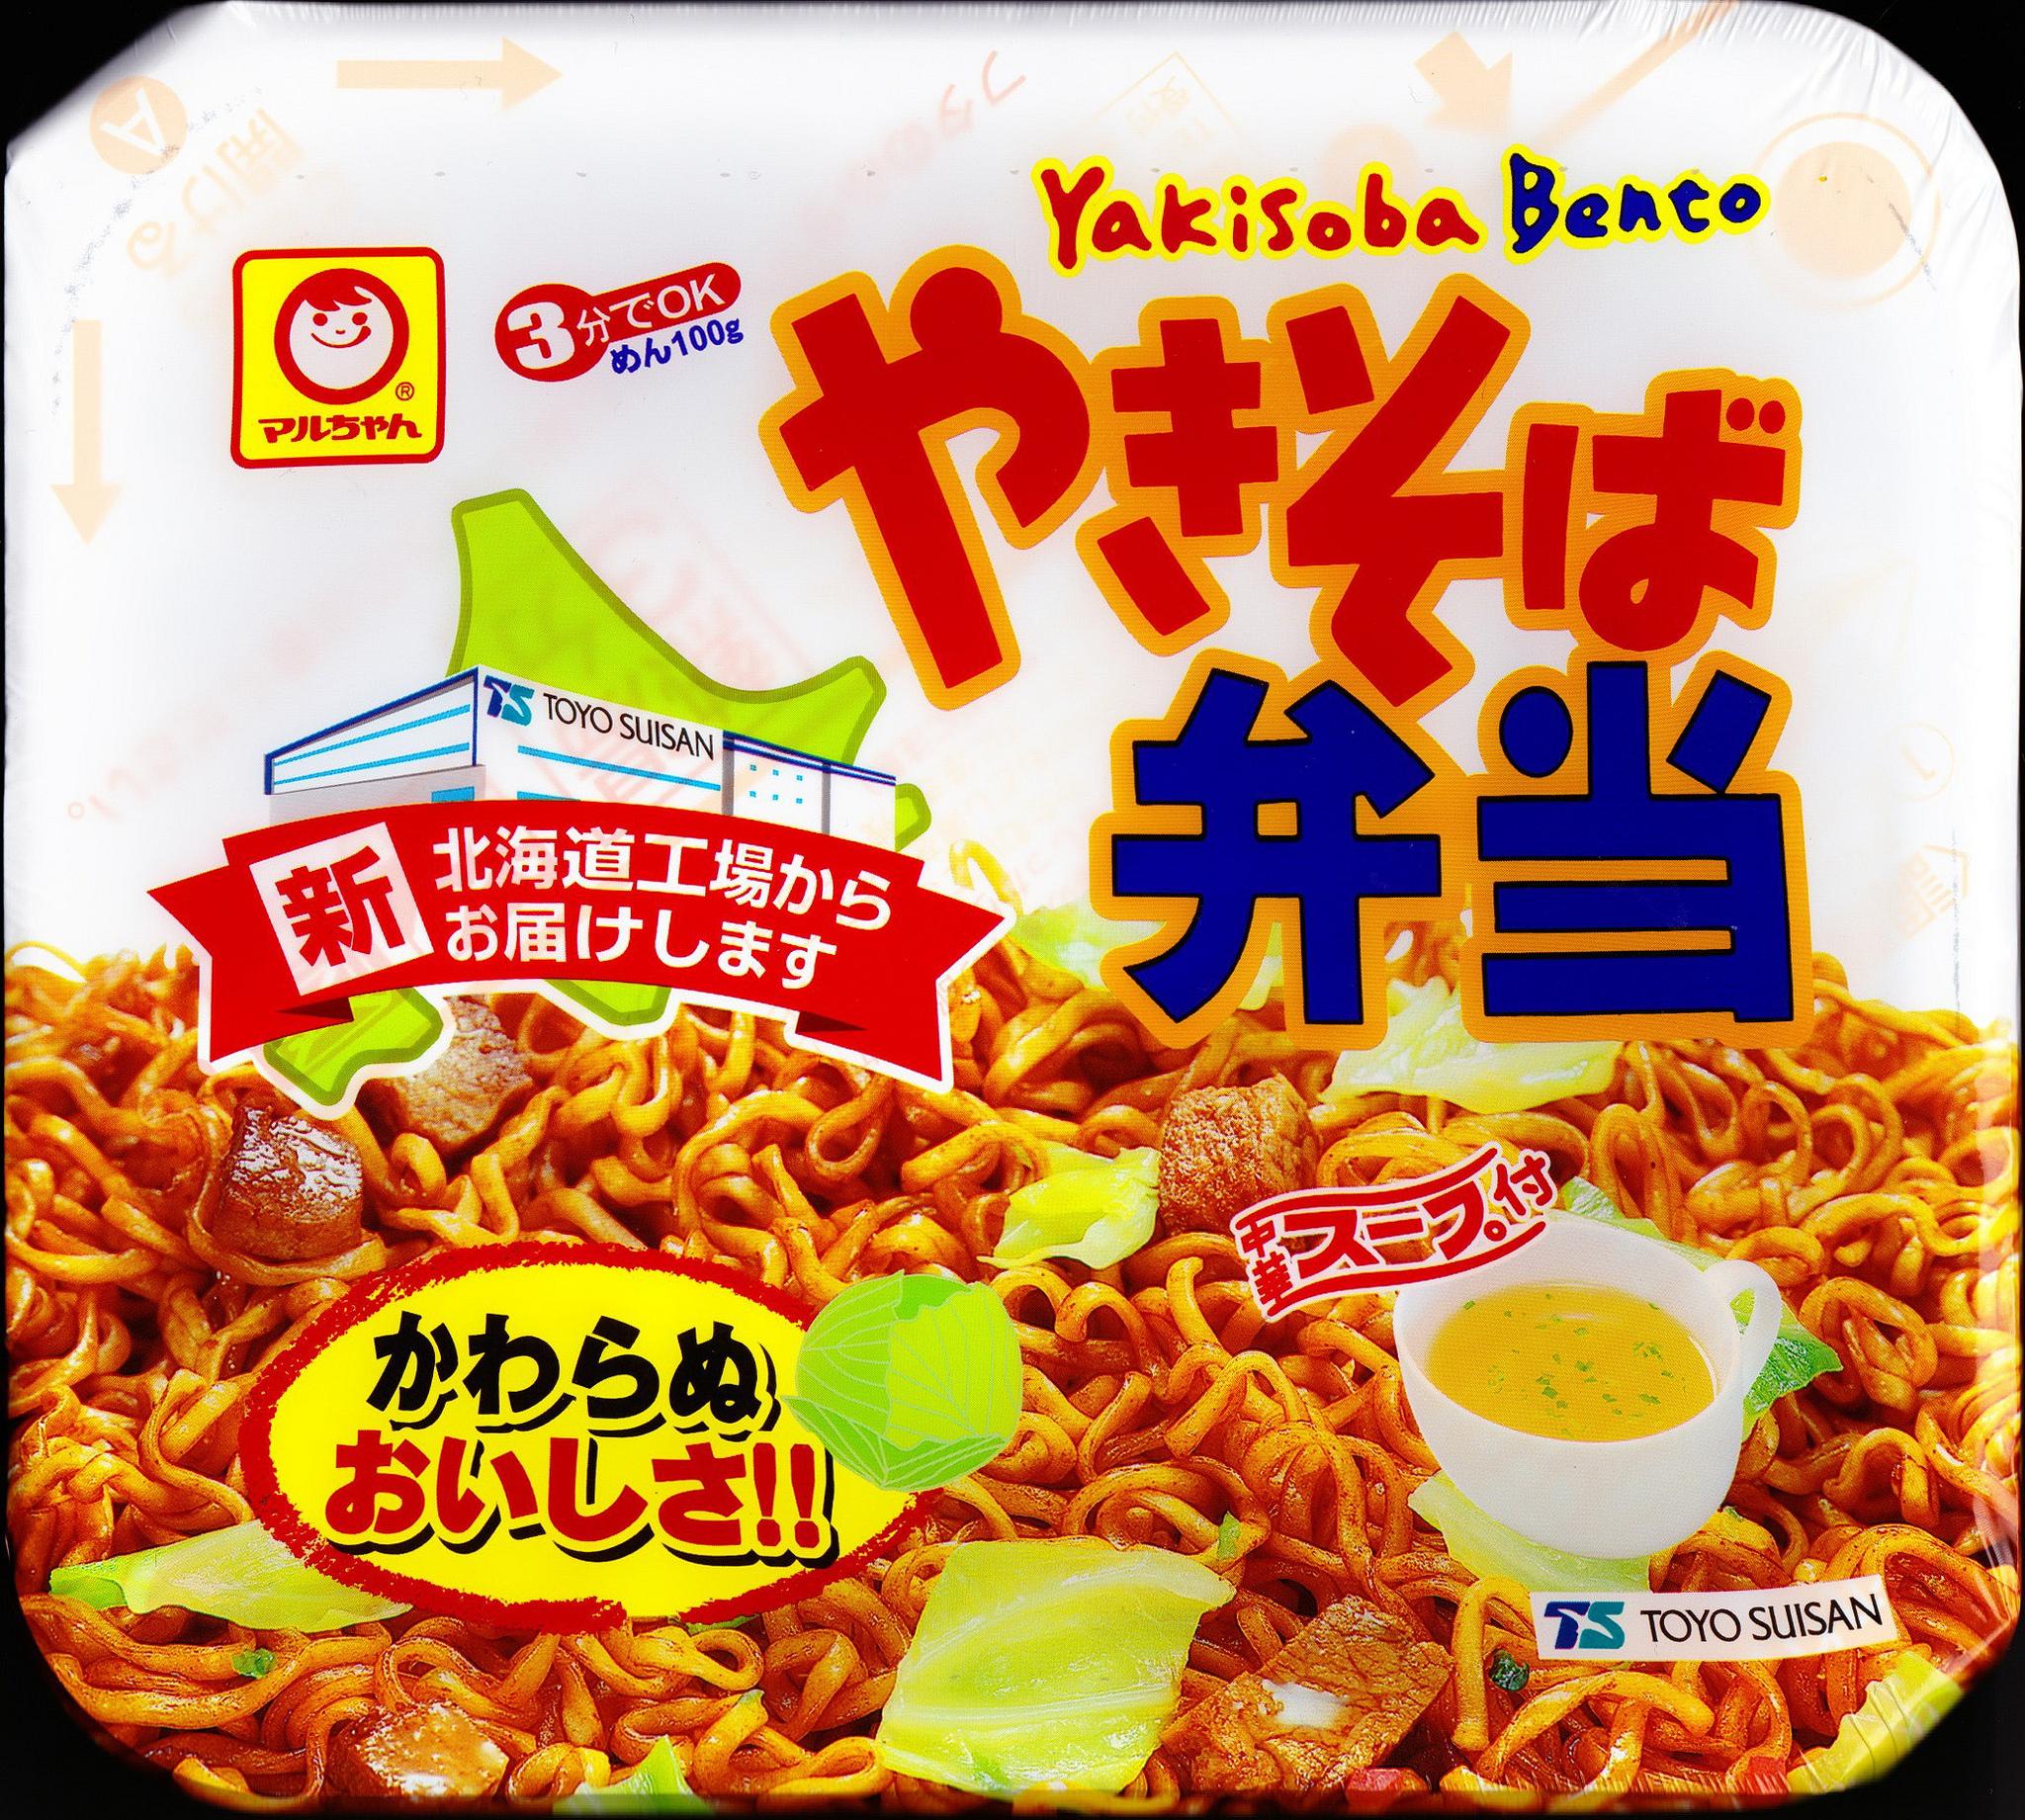 北海道のやきそば弁当はご当地限定のカップ麺!人気の理由や種類をリサーチ!